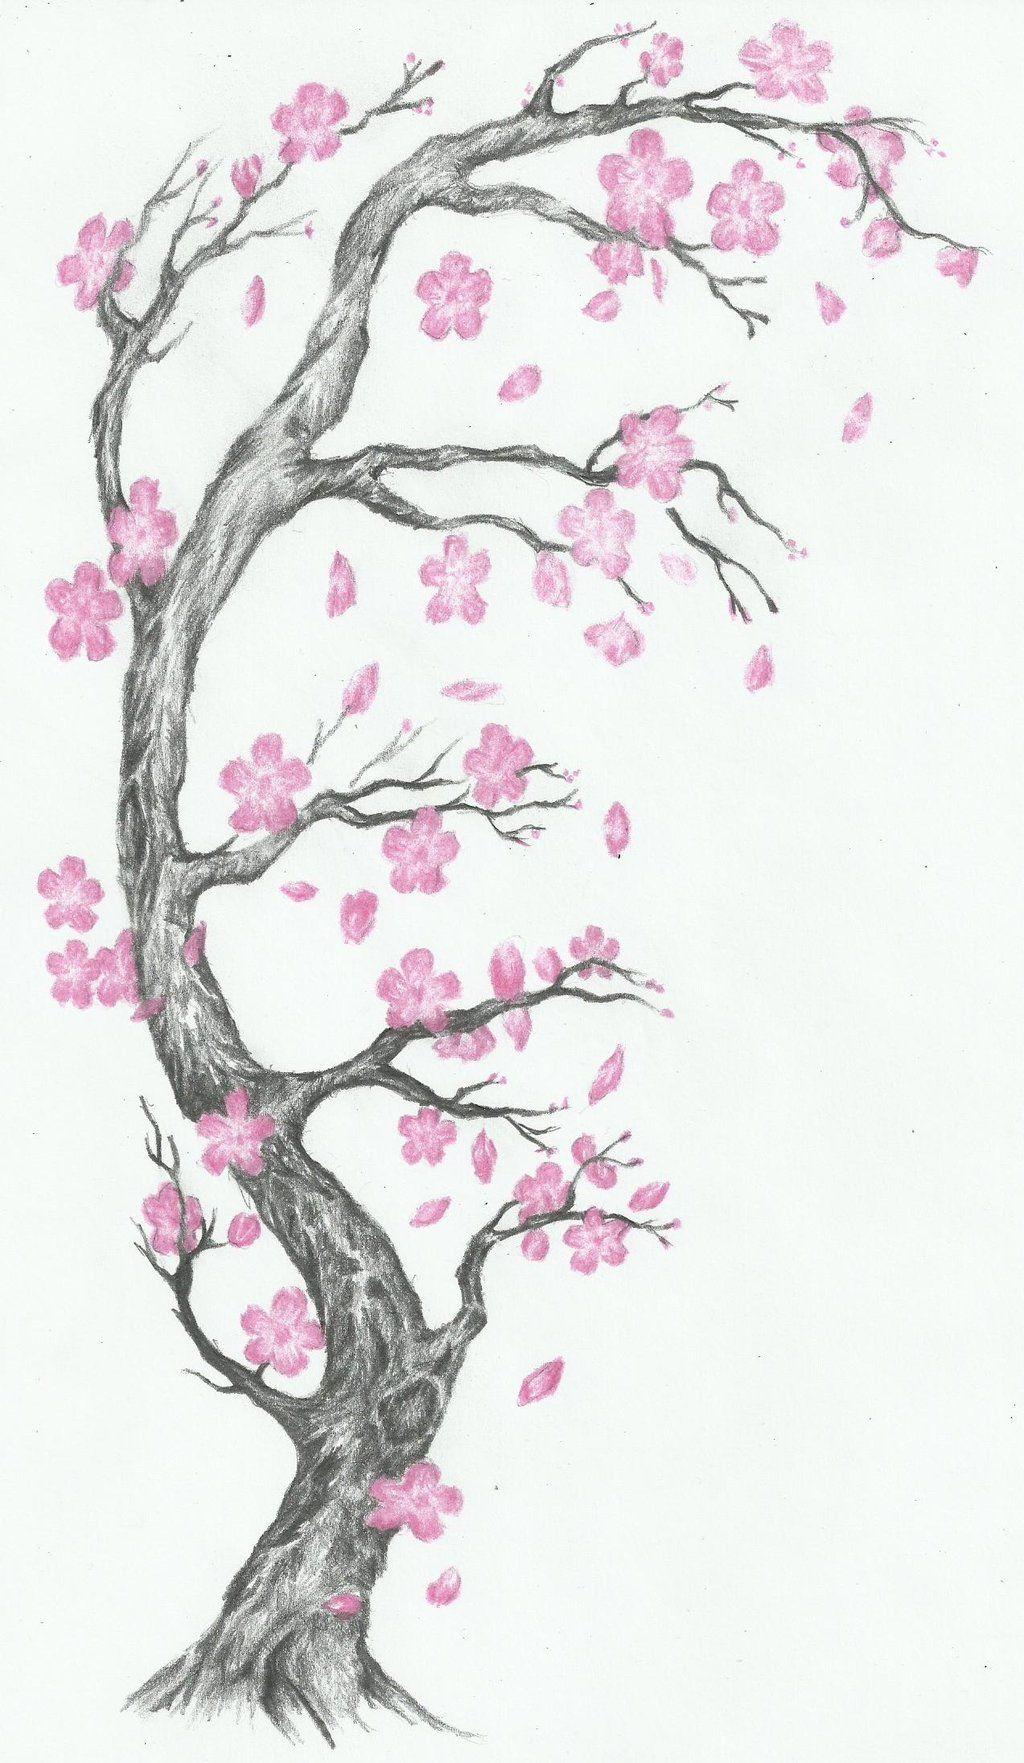 Cherry Blossom Tattoo Google Search Tattoos Blossom Tattoo